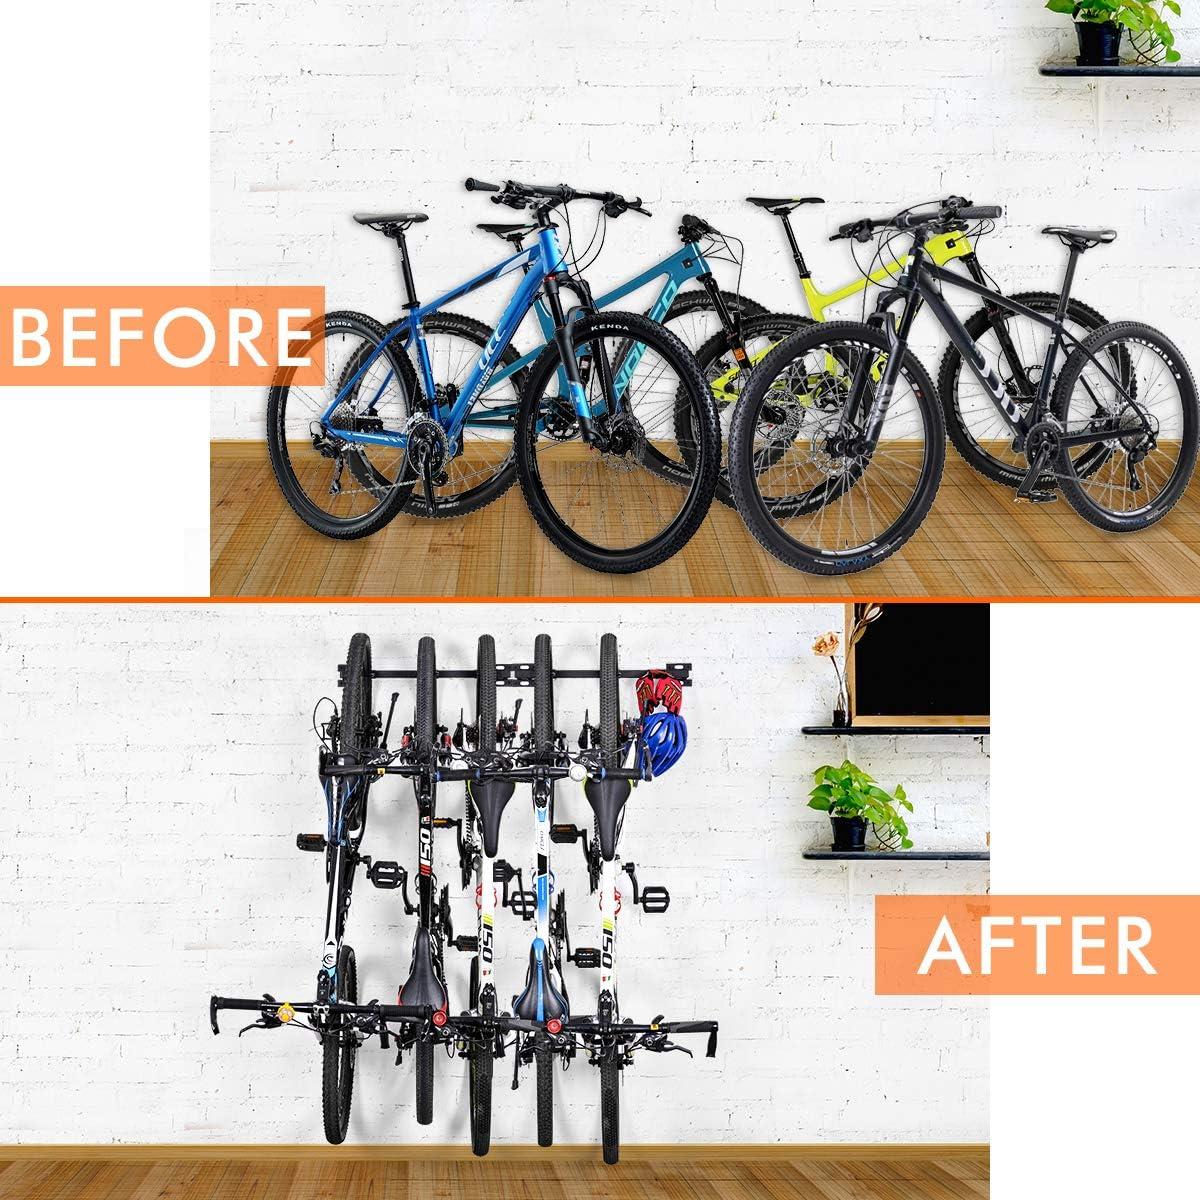 Portabici da Bicicletta Bicicletta Pieghevole Montata a Parete Portabiti da Bici Supporti per Rack per Biciclette 5 Sistemi di Deposito per Biciclette Regolabili per Casa e Garage